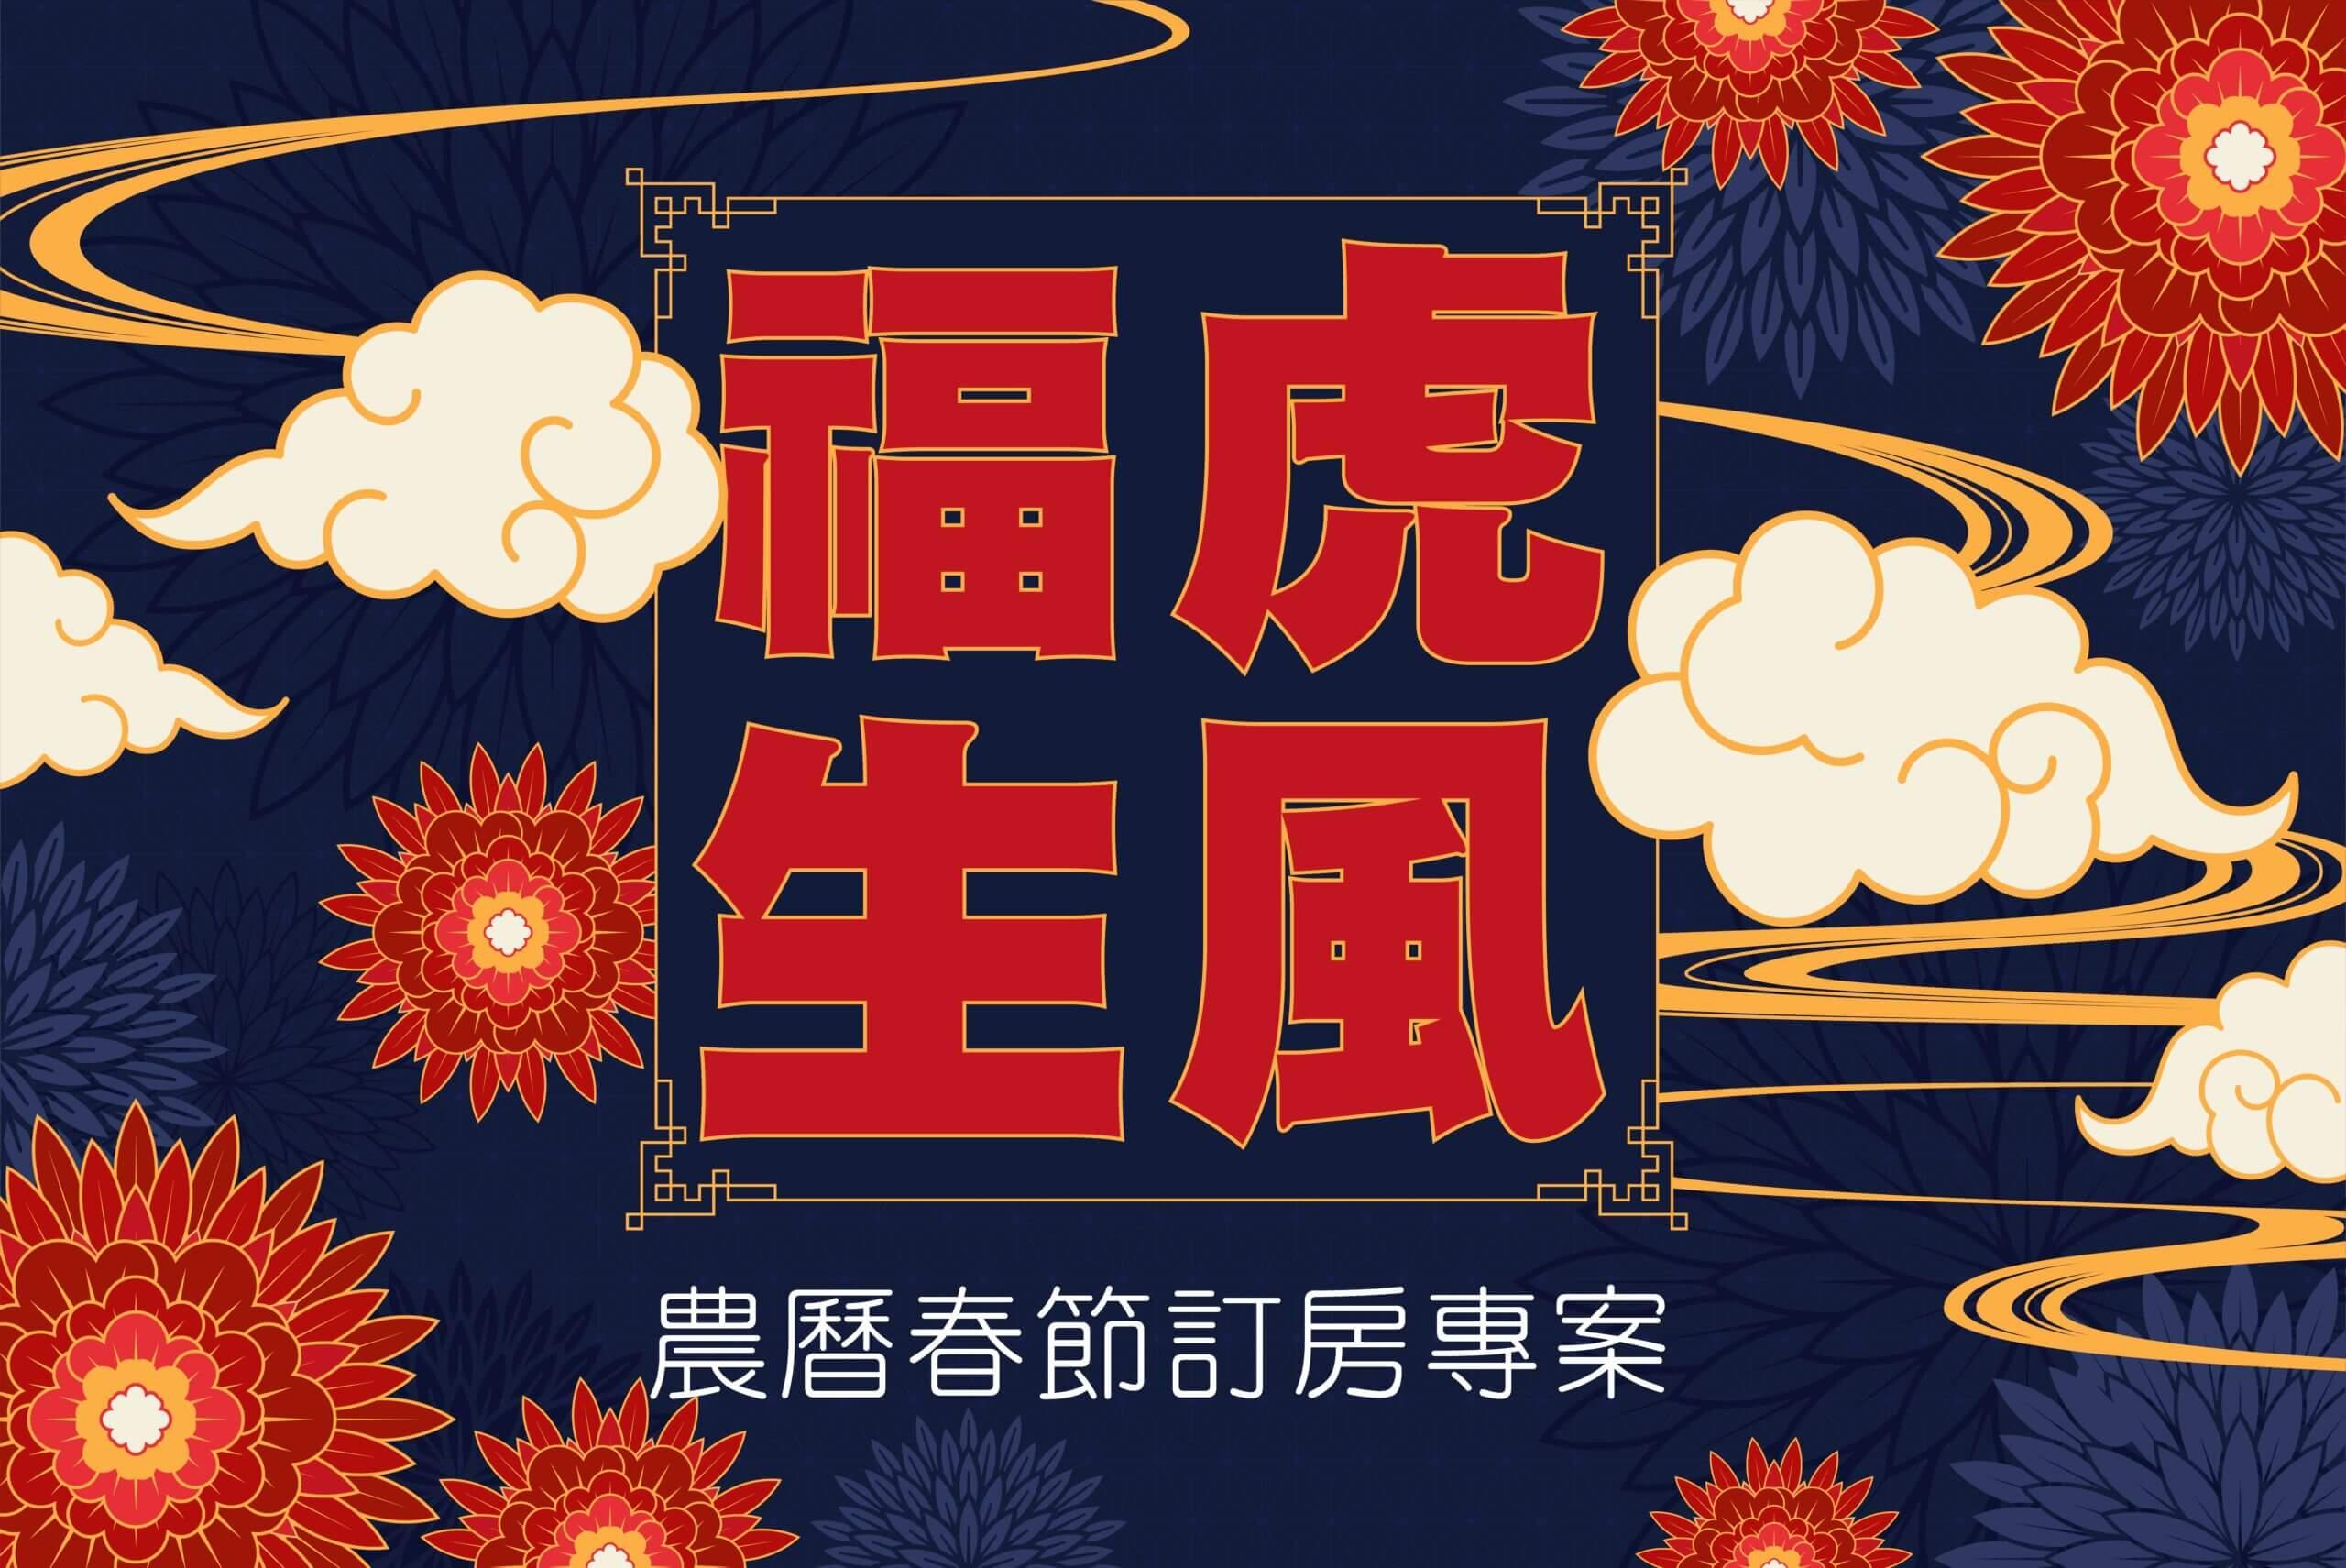 川湯春天福虎生風專案